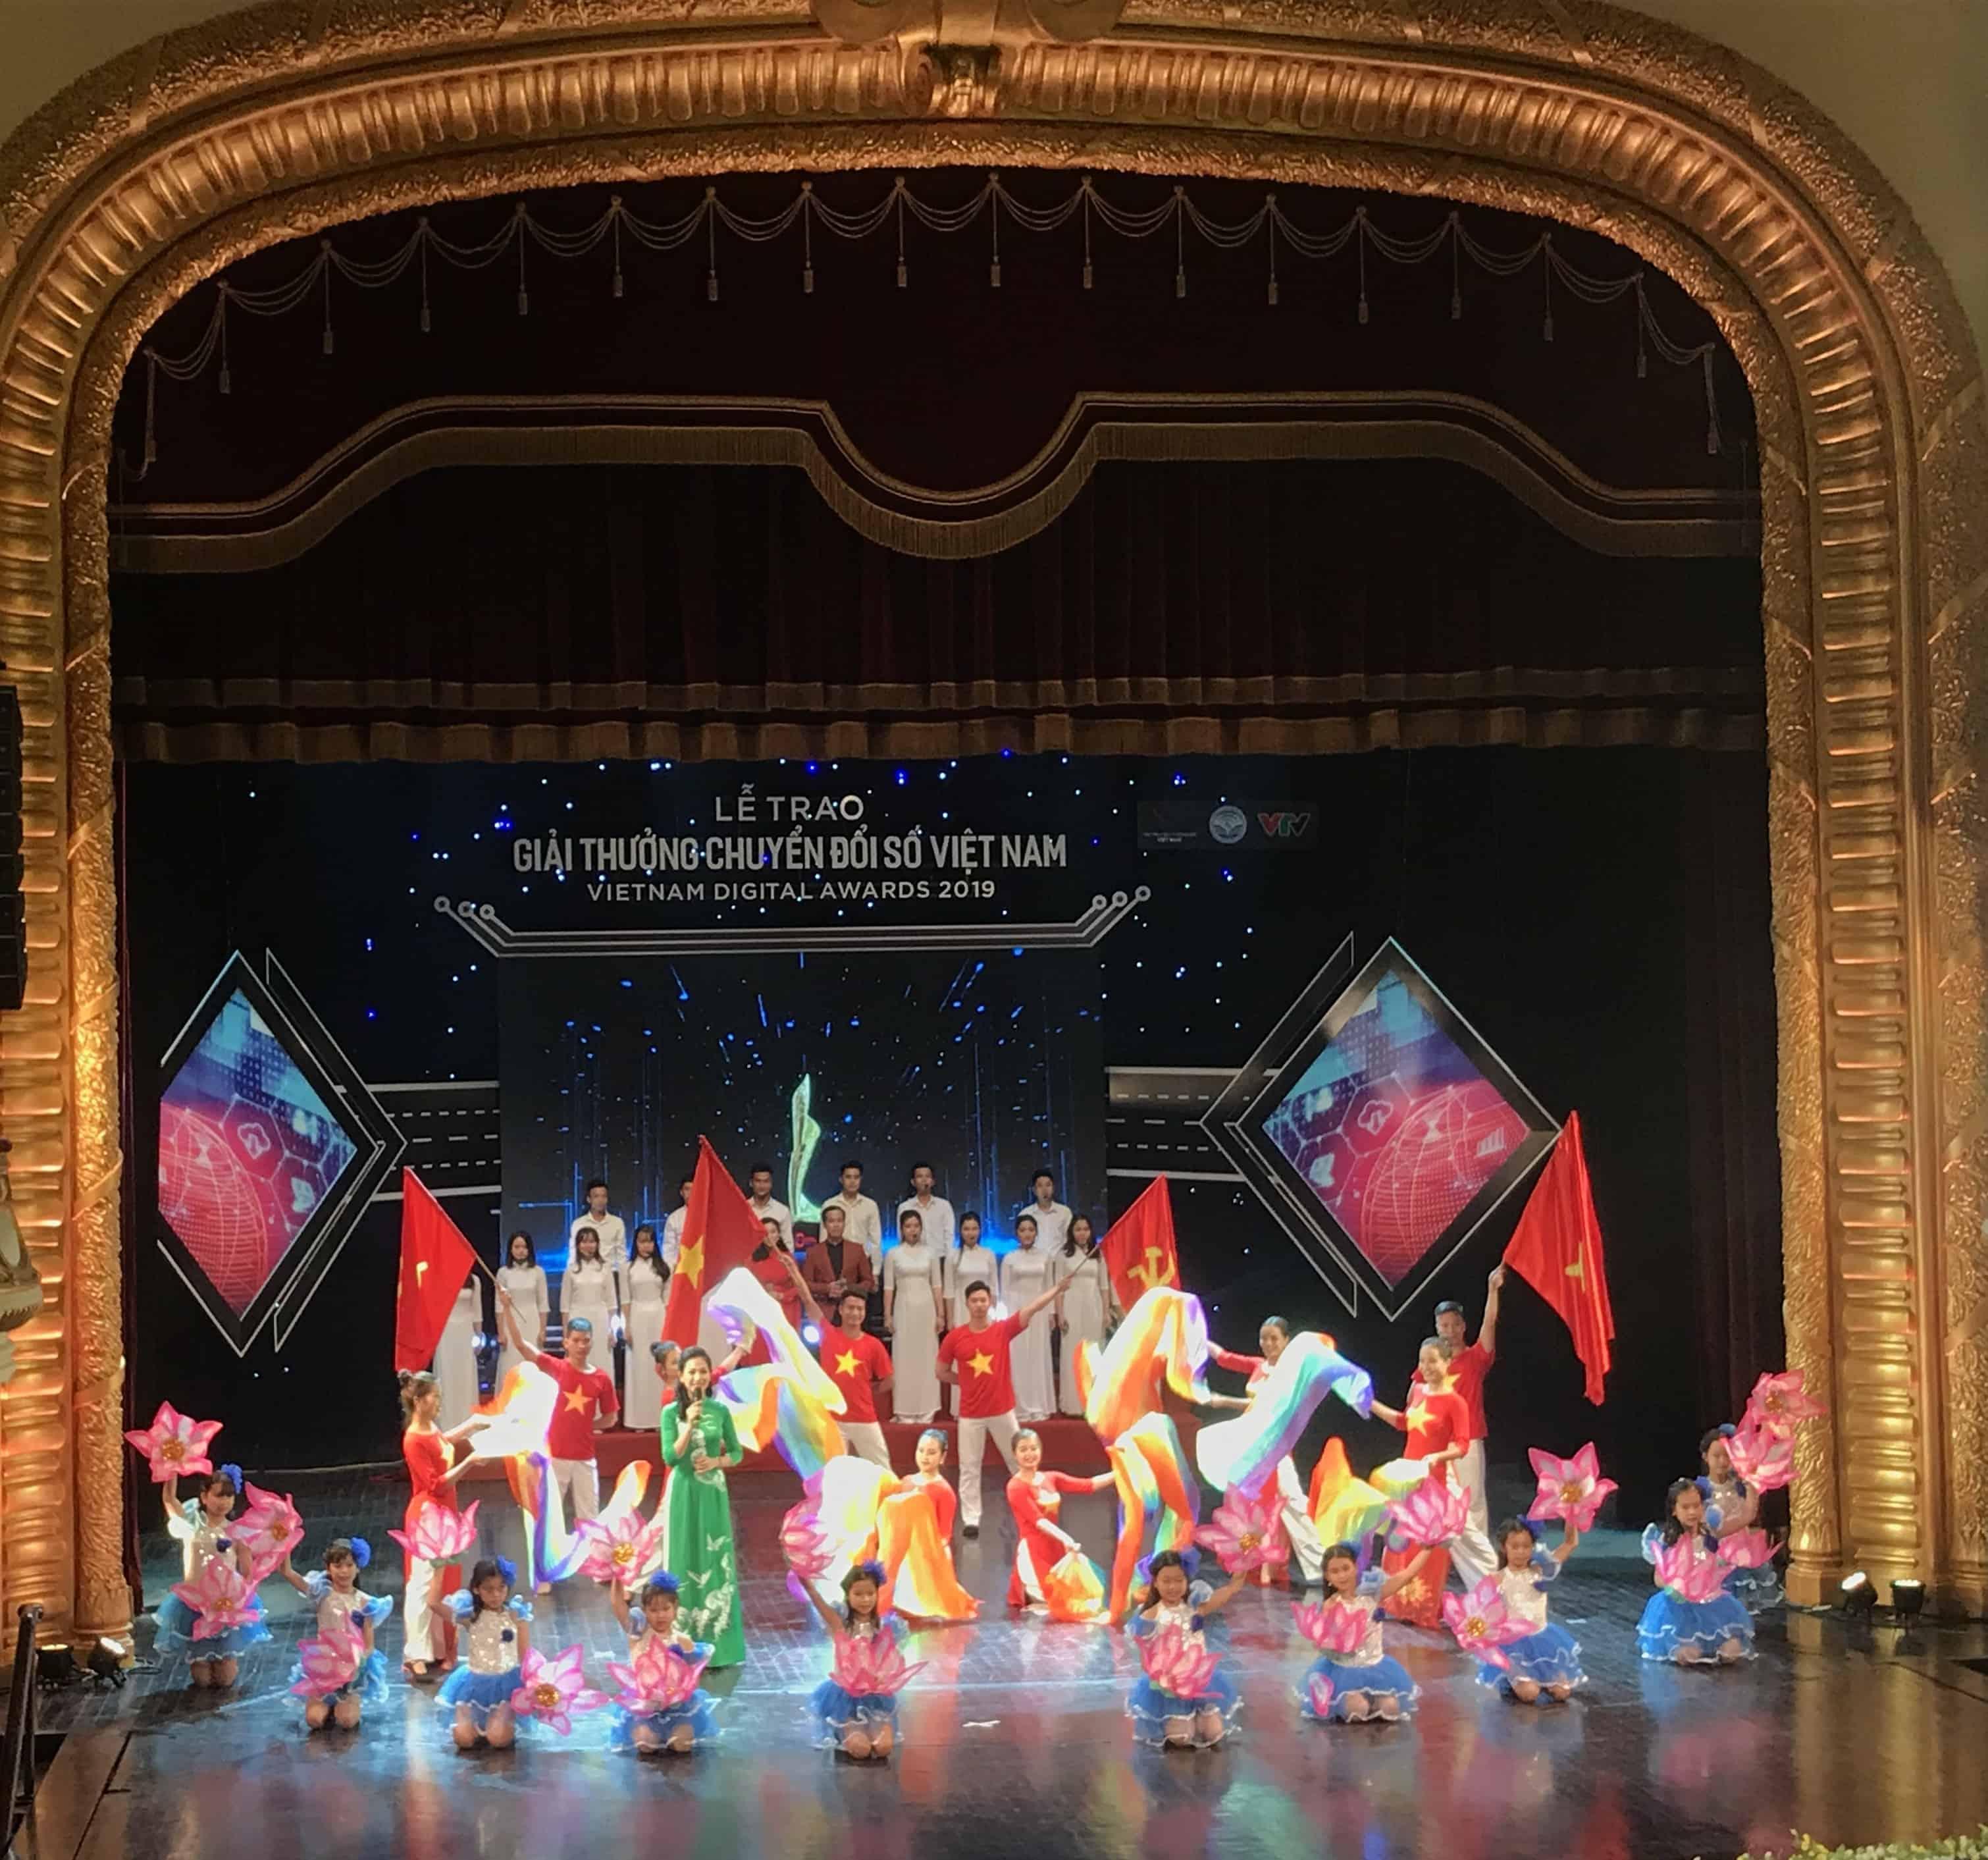 """OneInventory VÀ ezGolf nhận giải thưởng """"CHUYỂN ĐỔI SỐ VIỆT NAM – VIETNAM DIGITAL AWARDS 2019"""""""